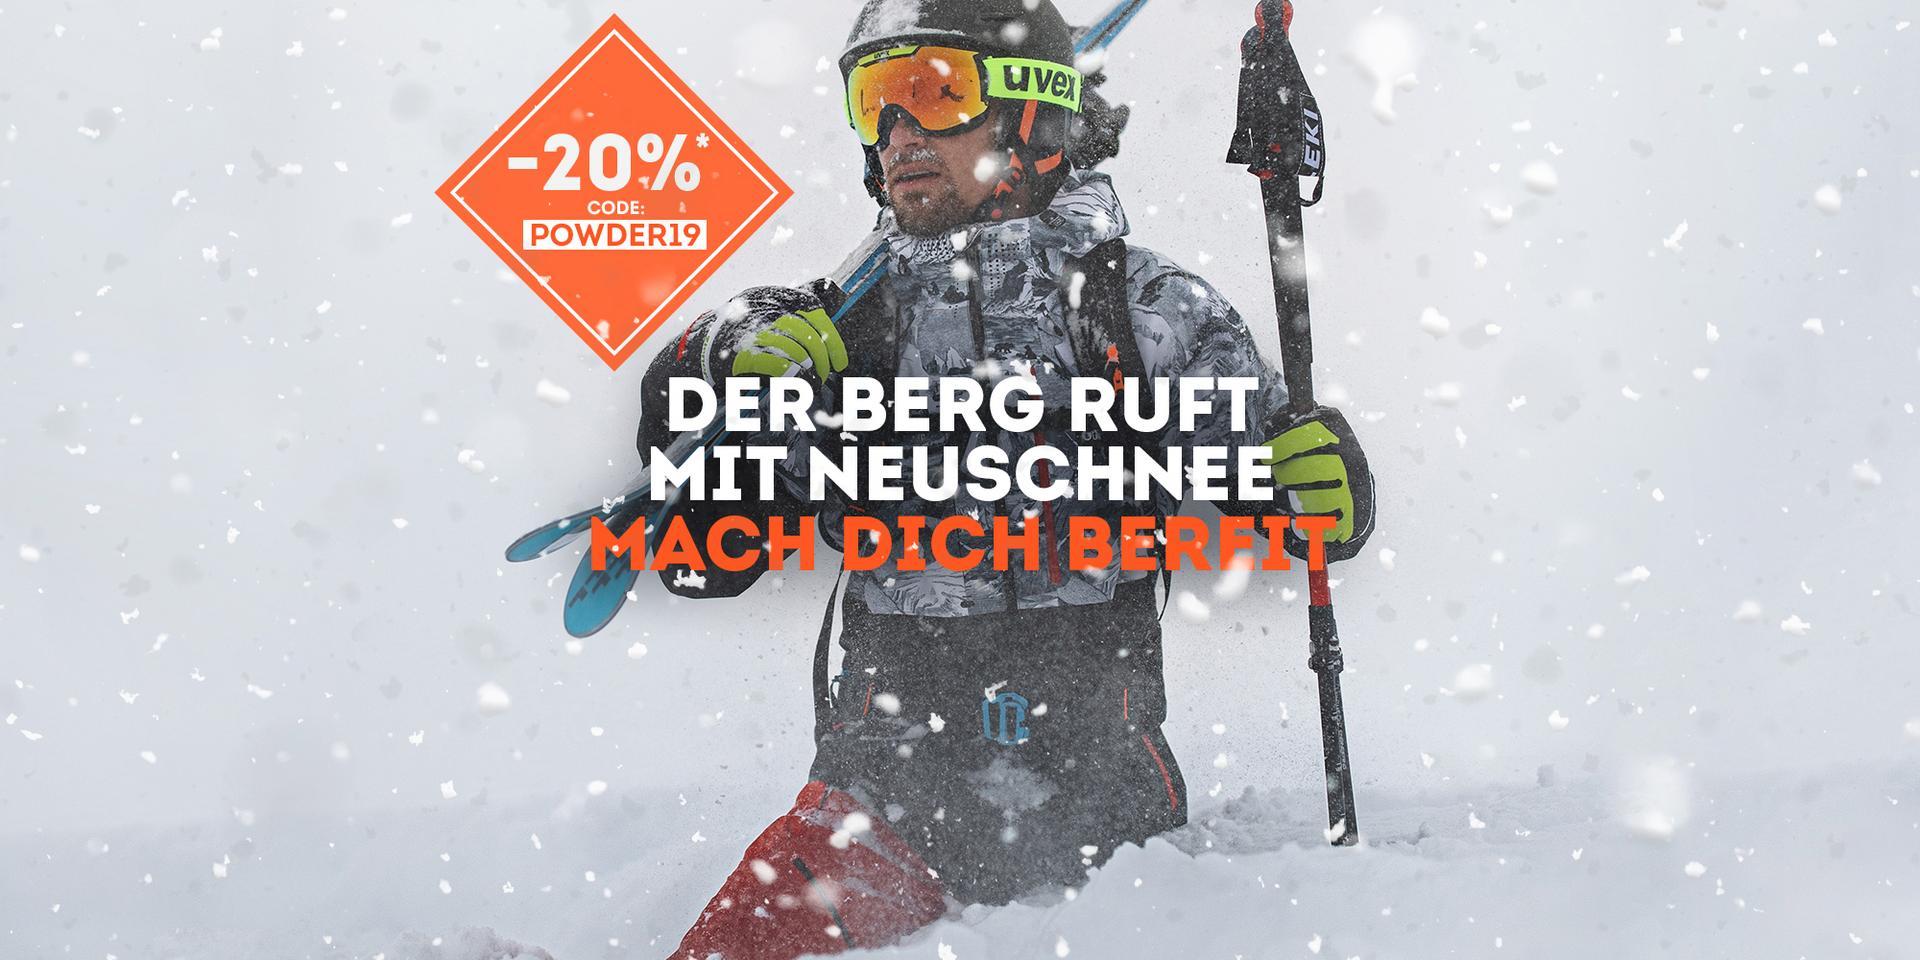 -20% auf nicht reduzierte Wintersportartikel